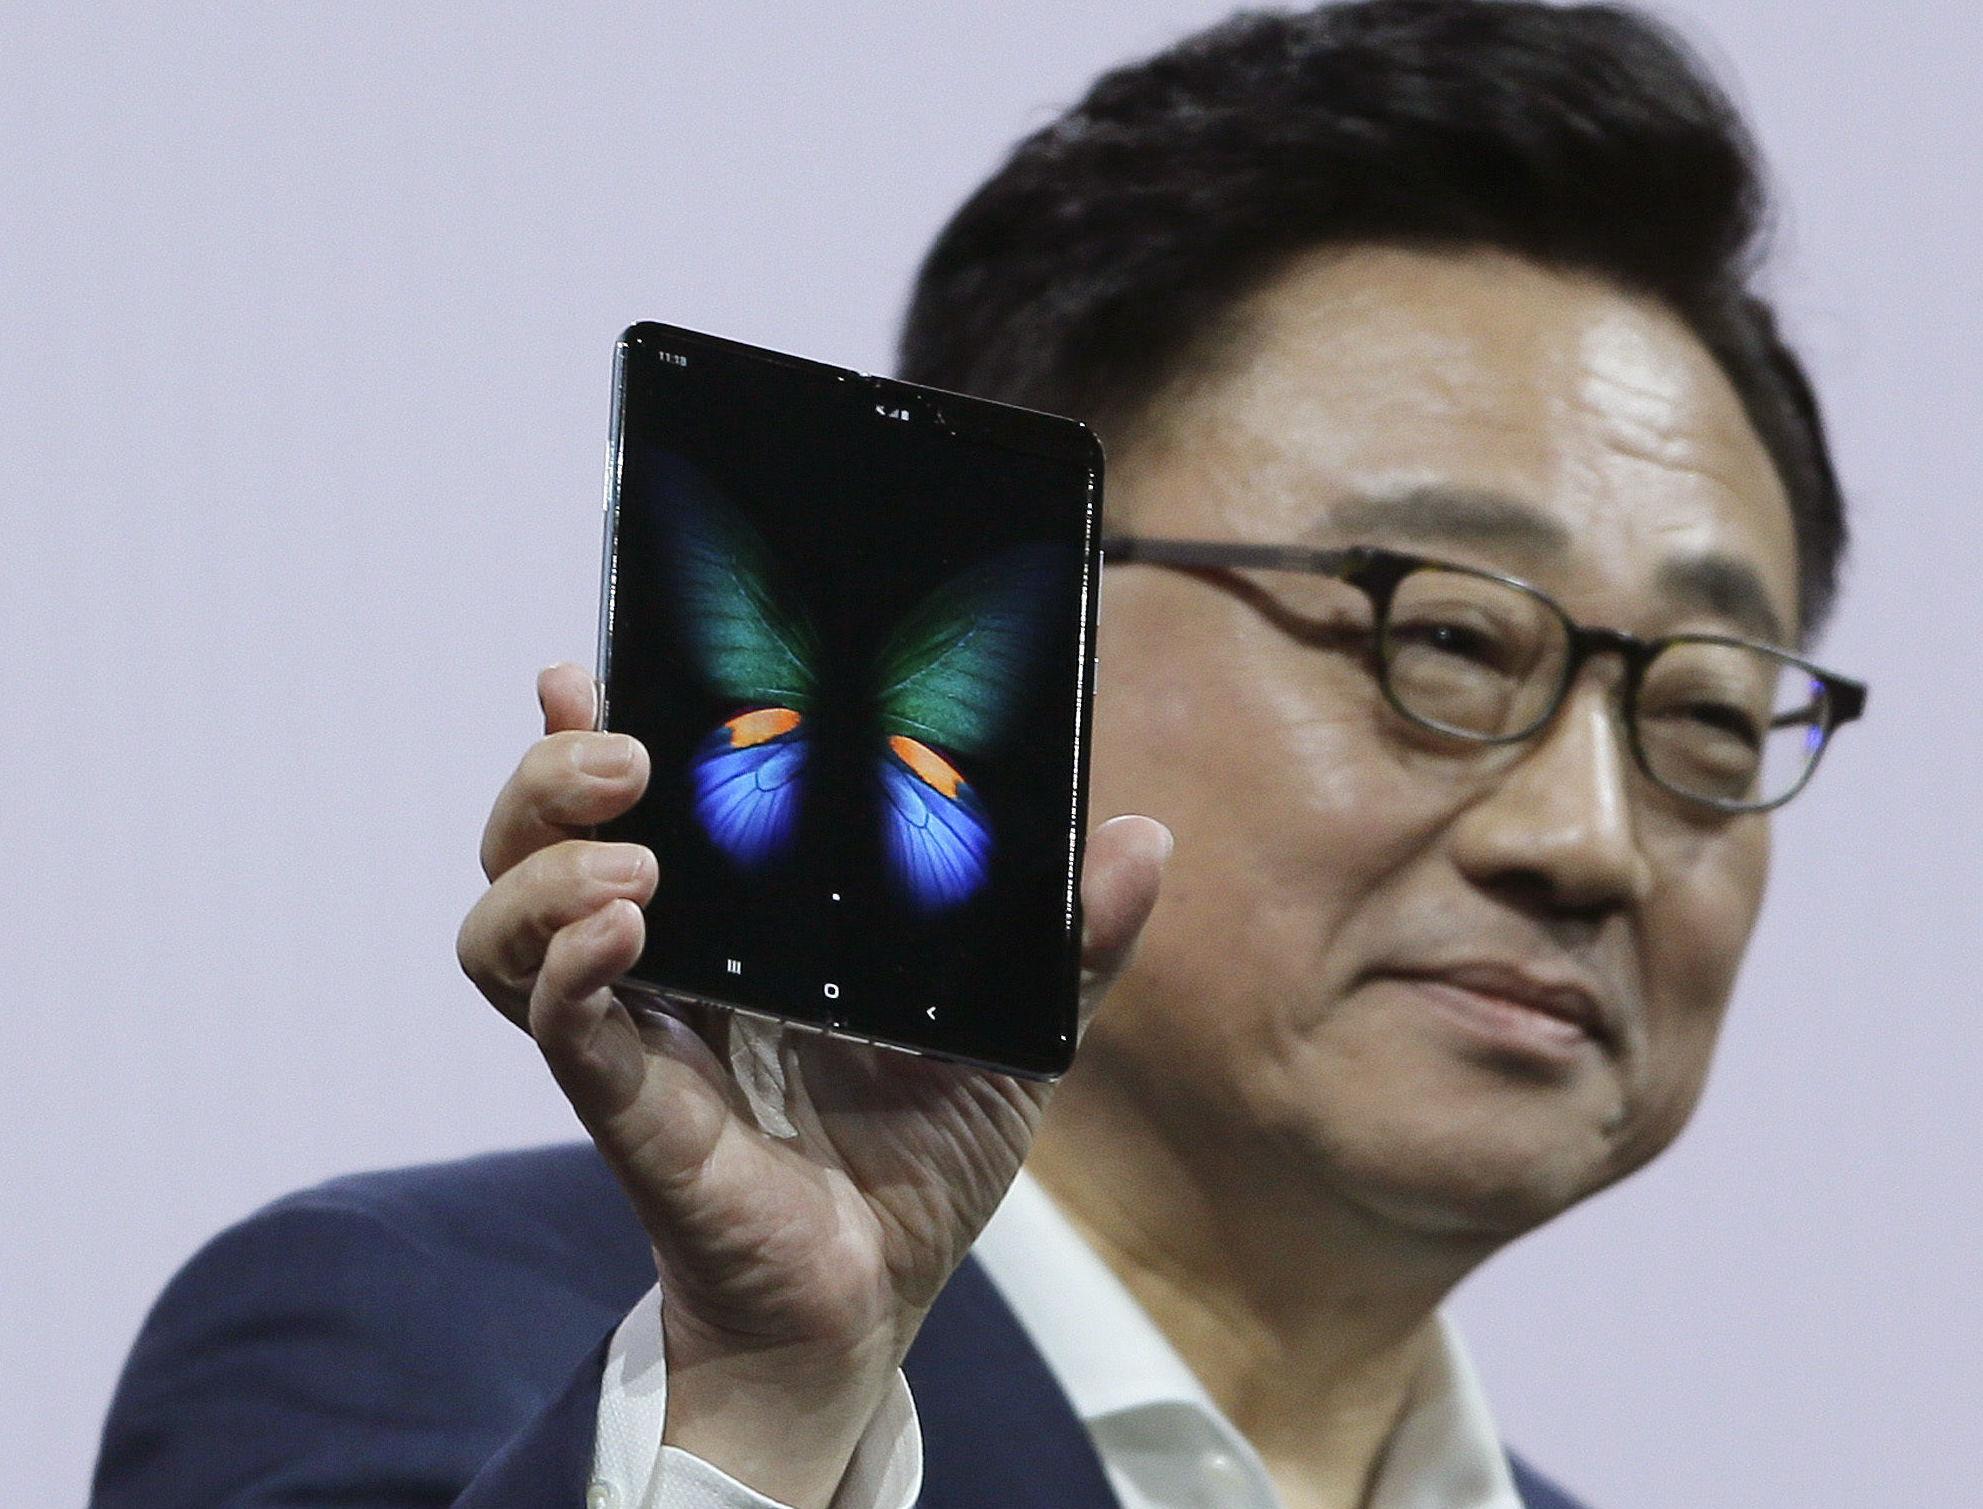 El Samsun Galaxy Fold comenzará a venderse finalmente en septiembre